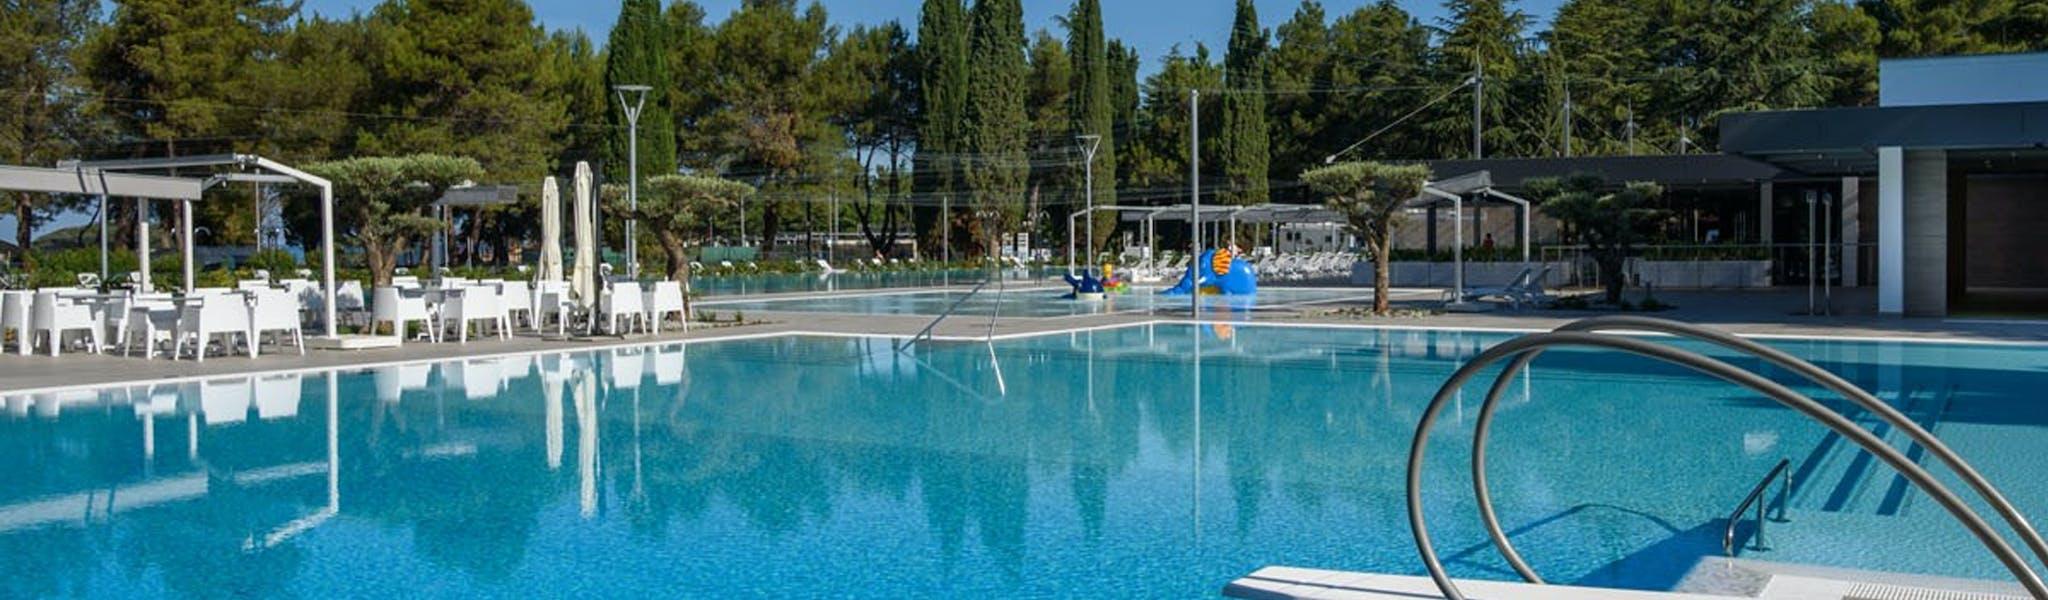 Camping Valkanela zwembad